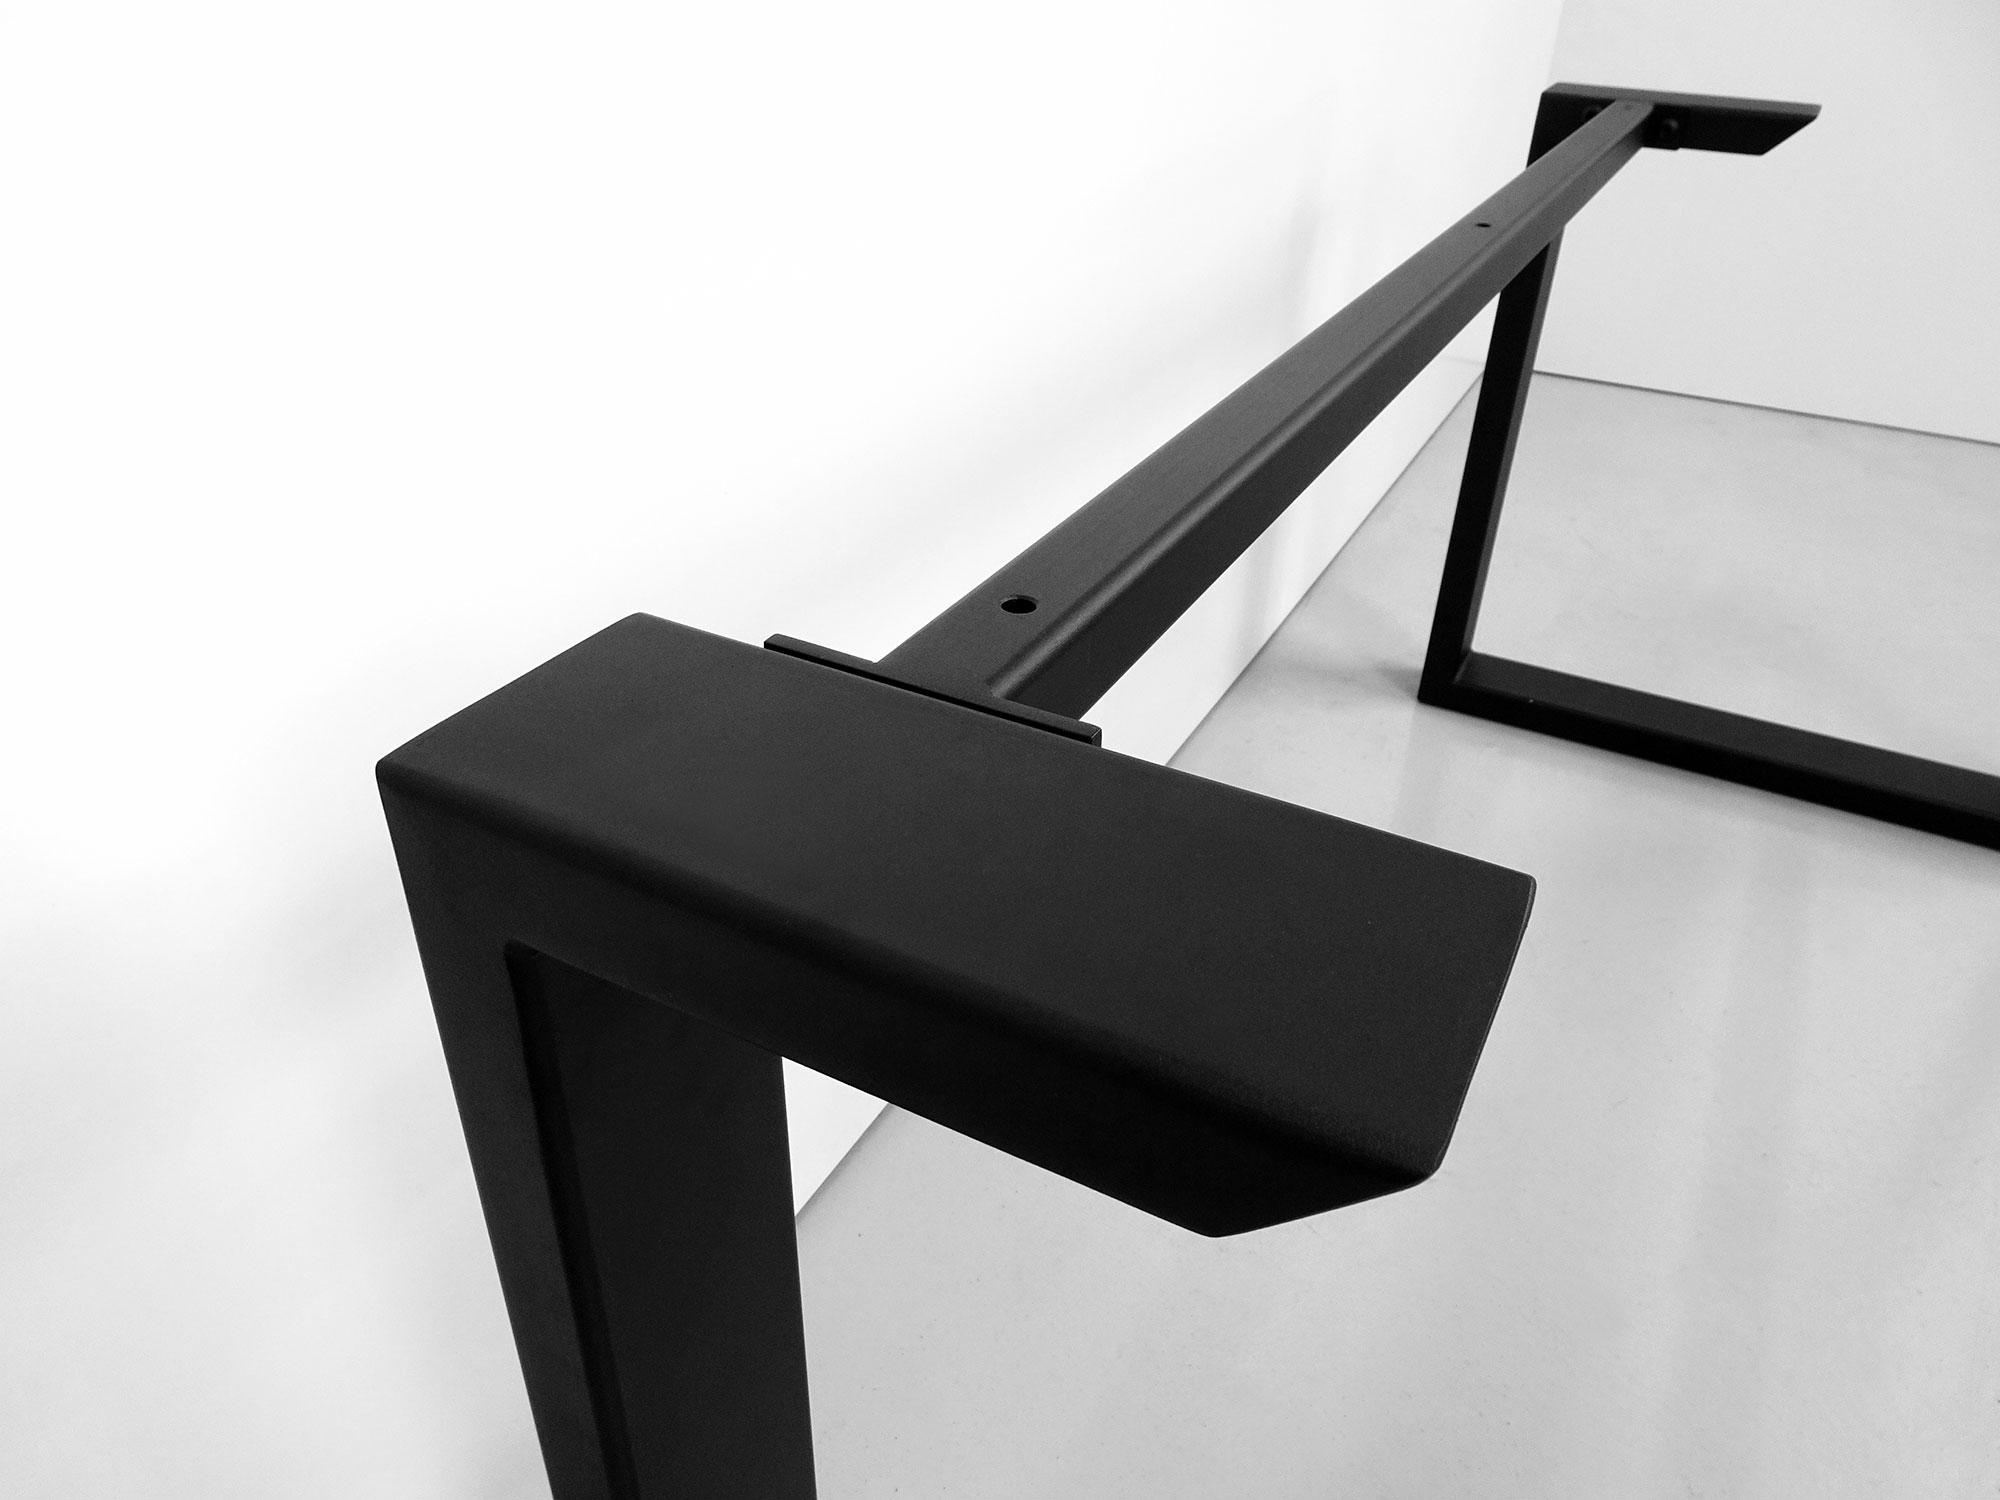 ARTMETA / pied U acier sur mesure / table Urbaine